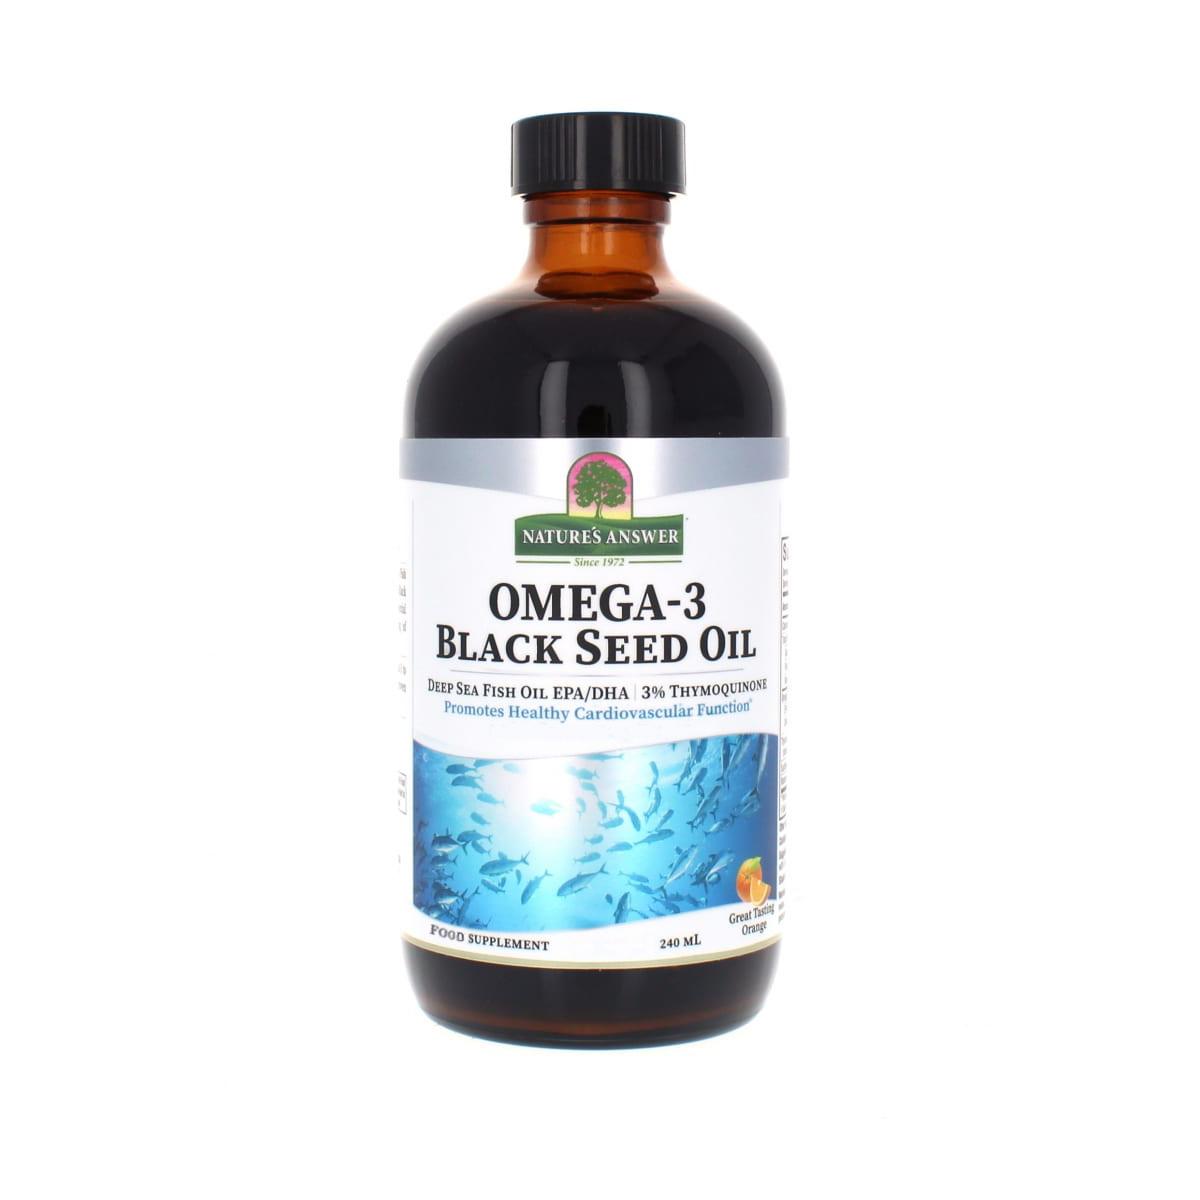 Omega-3 Black Seed Oil 240ml